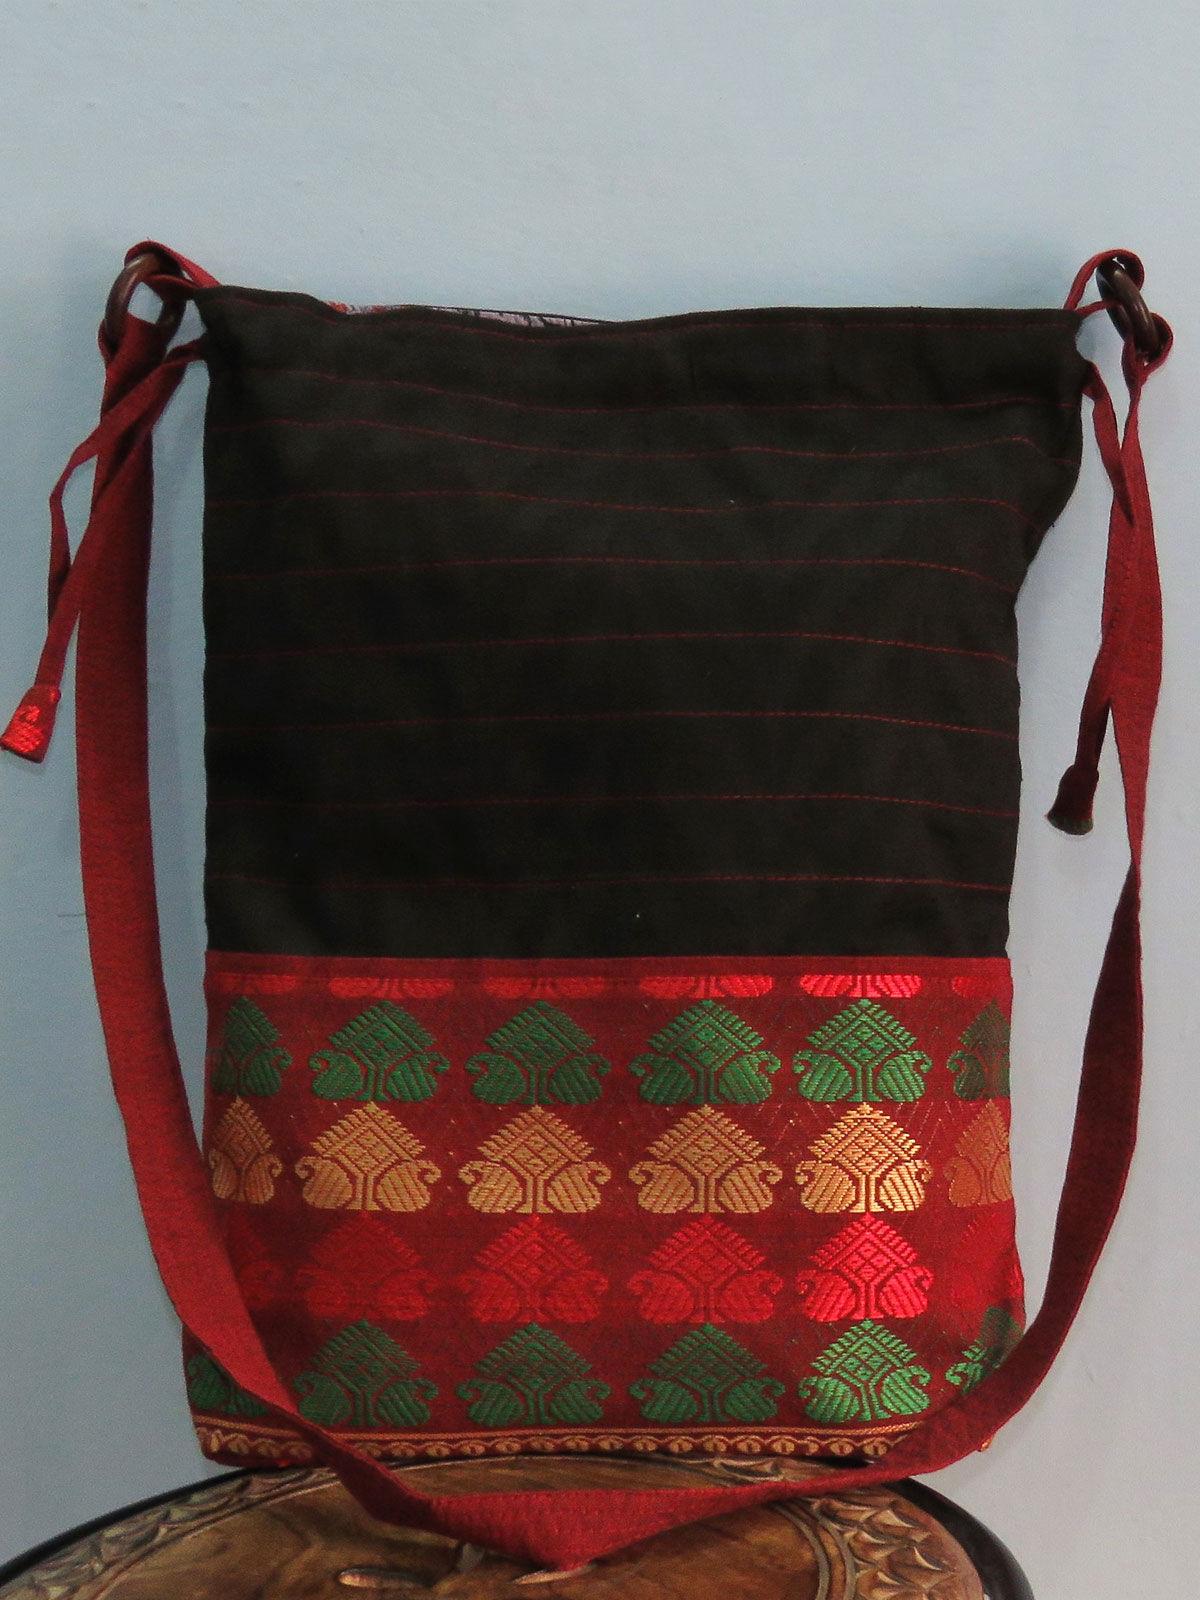 Multicolored Sling bag in potli stlye.